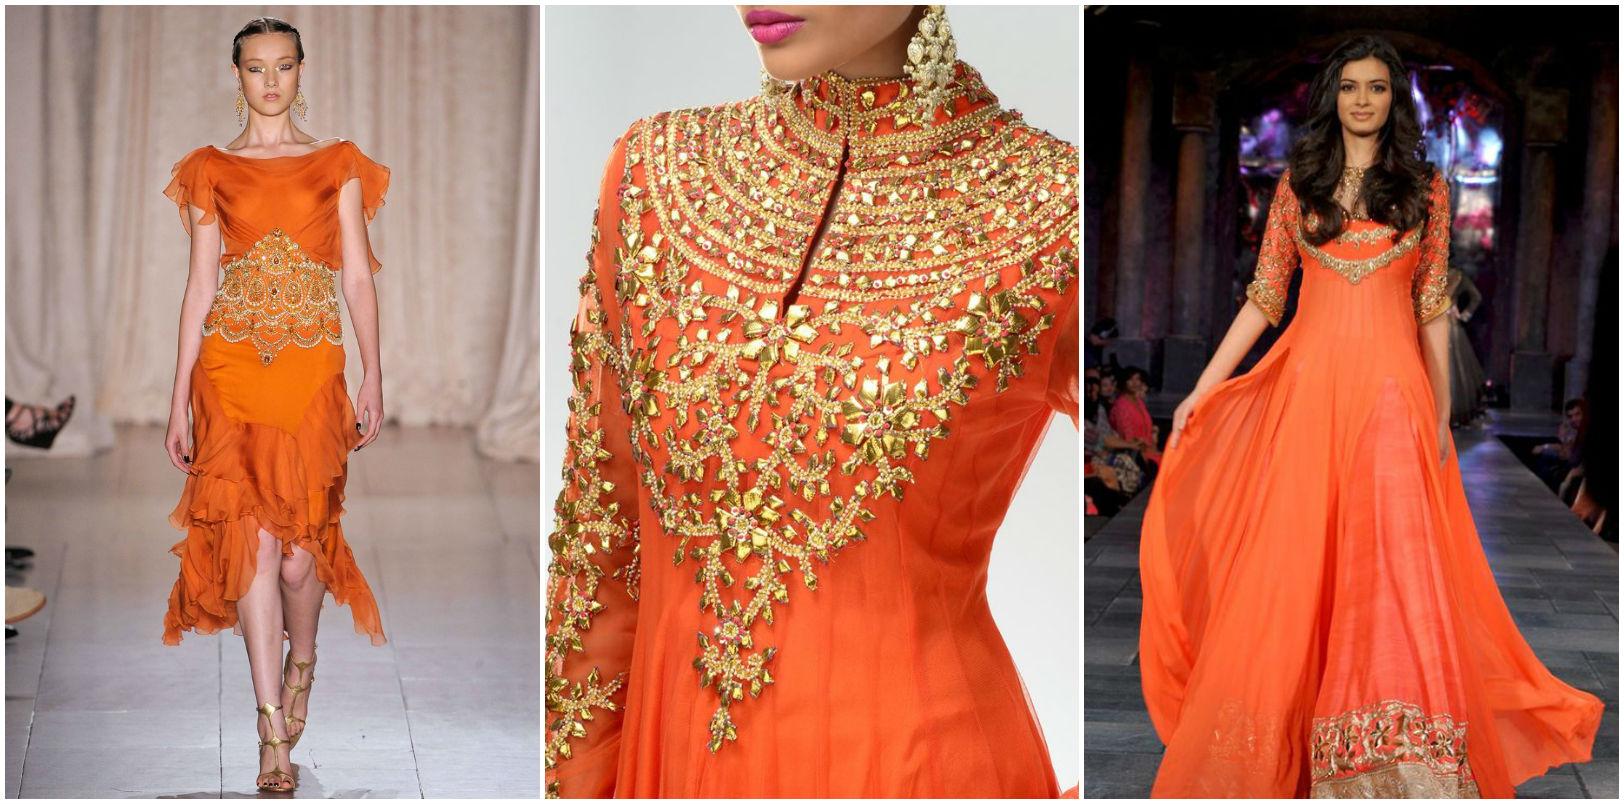 Оранжевый цвет: значение, применение, сочетание   lookcolor